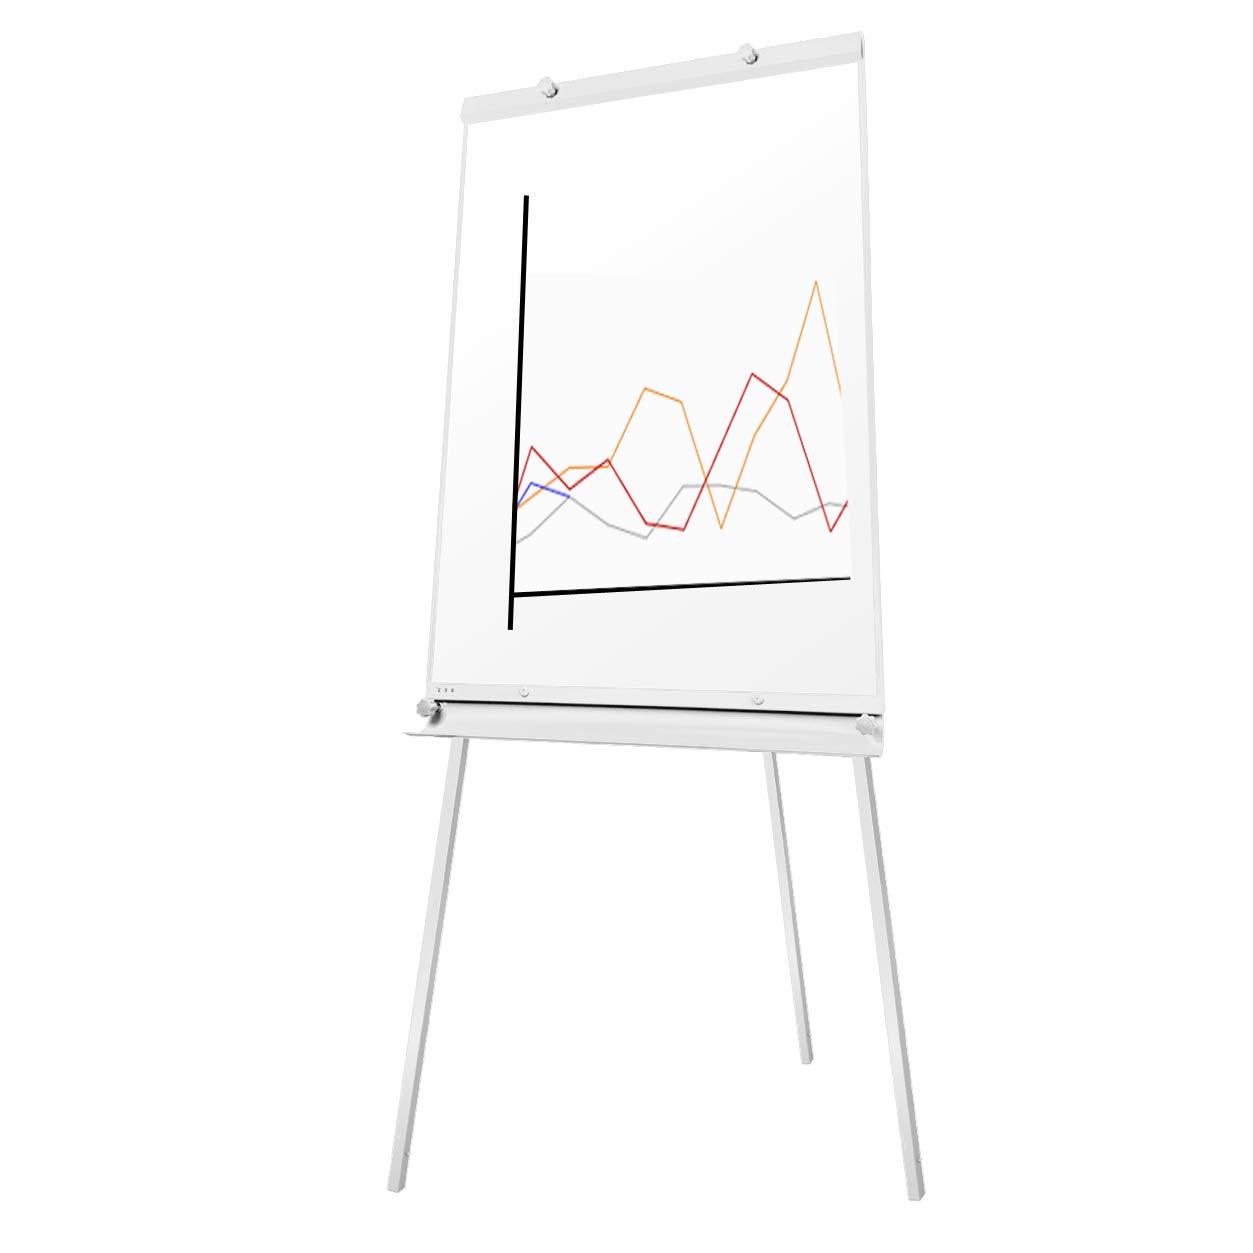 S SIENOC mobile Flipchart Whiteboard Magnetwand mit Alurahmen Magnetisch Whiteboard und Magnettafel Wei/ß lackiert WhiteBoard St/änder Einstellbar drehbar 70x100 cm